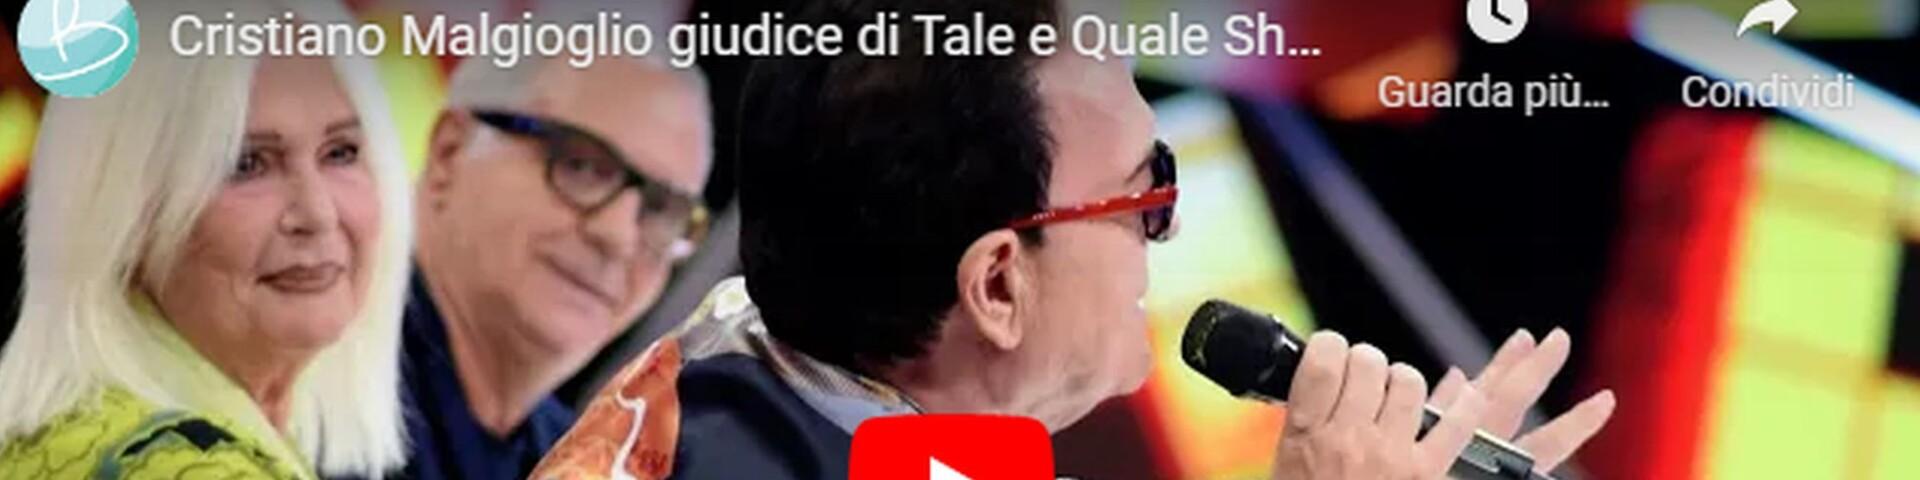 Cristiano Malgioglio a Tale e Quale Show (Video)